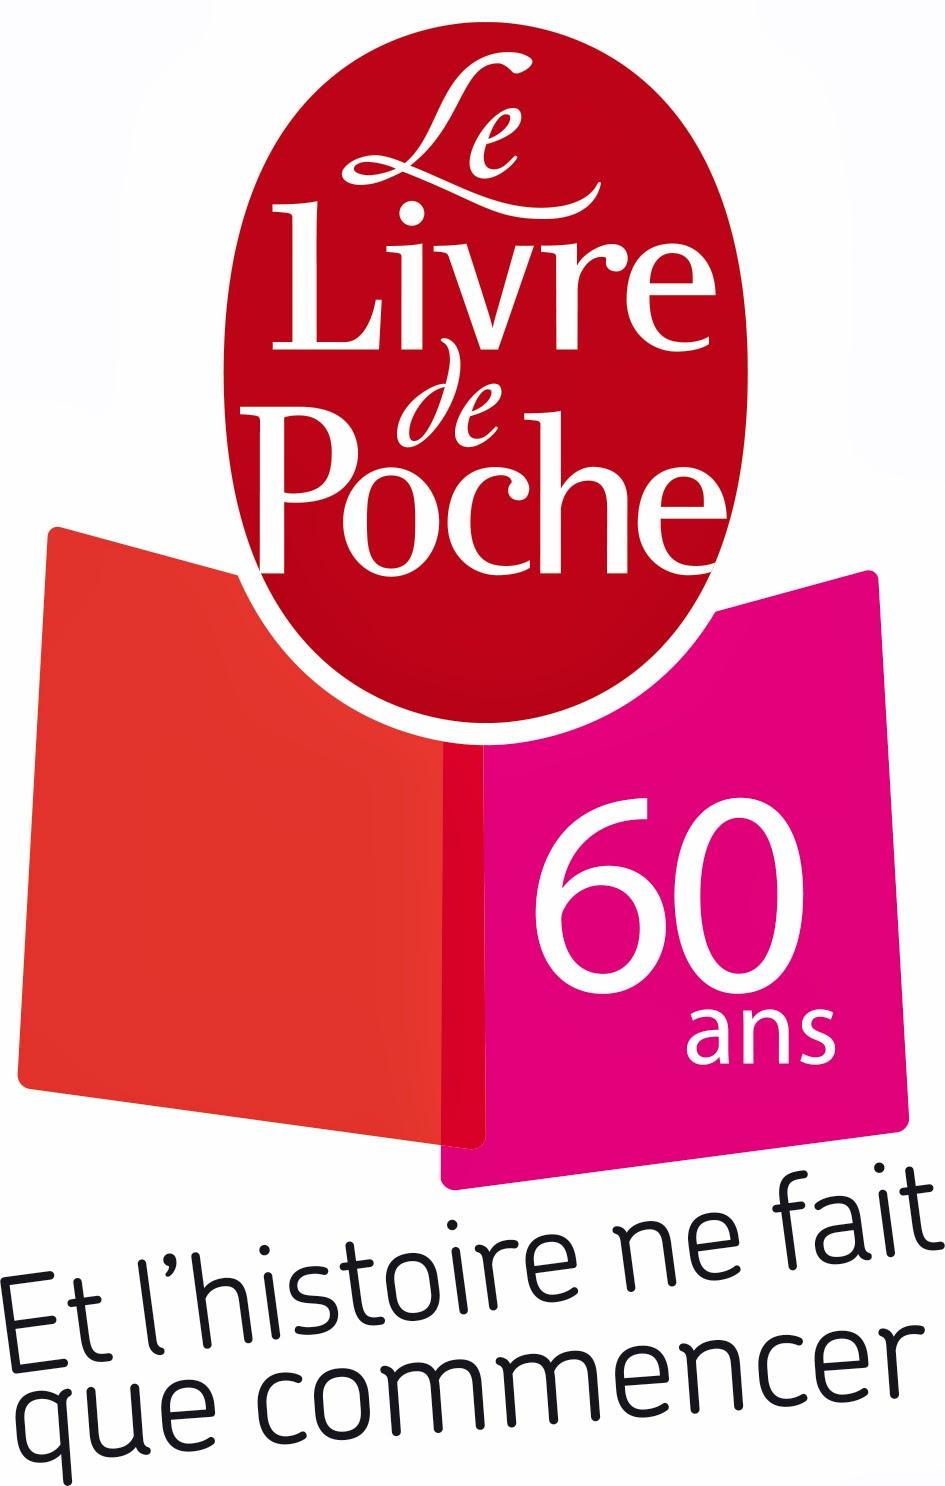 festival litt raire de parisot 82 2500 livres de poche et apr s. Black Bedroom Furniture Sets. Home Design Ideas